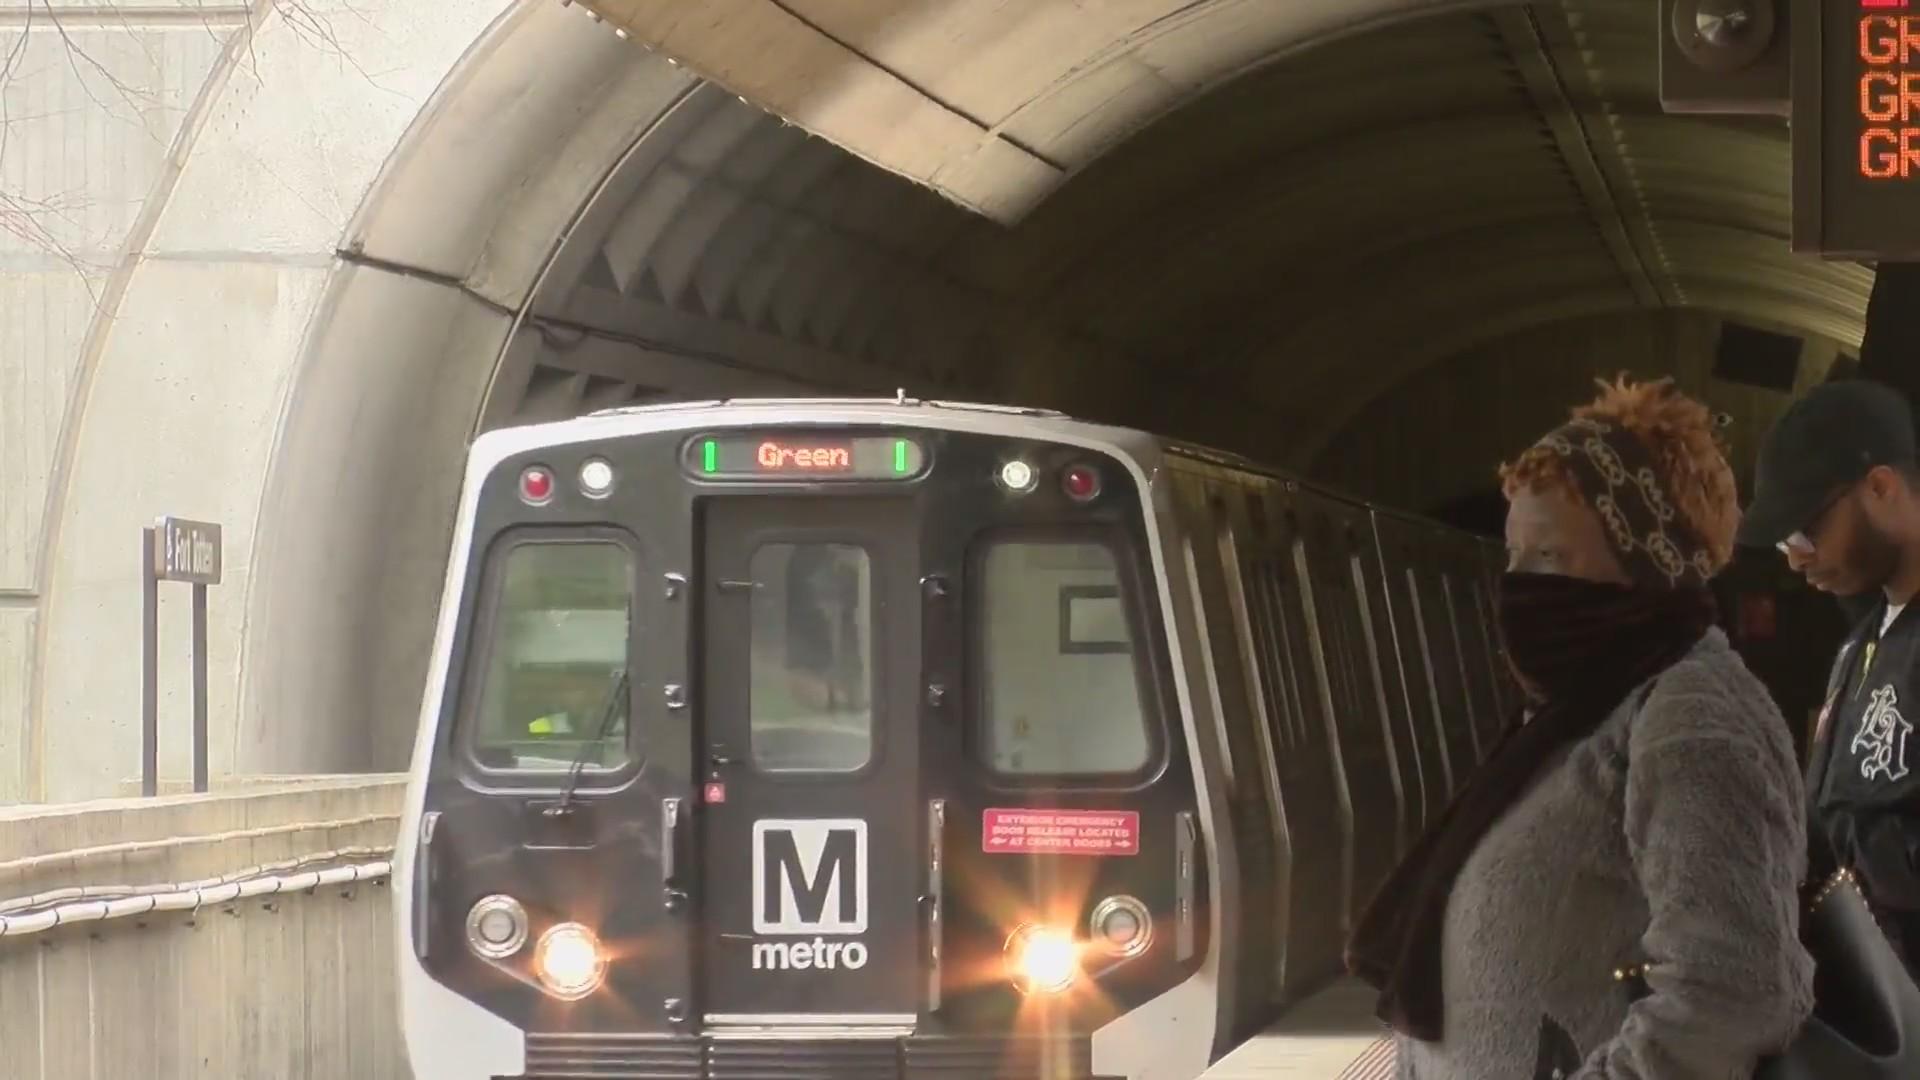 Metro_New_Year_s_0_20181228222510